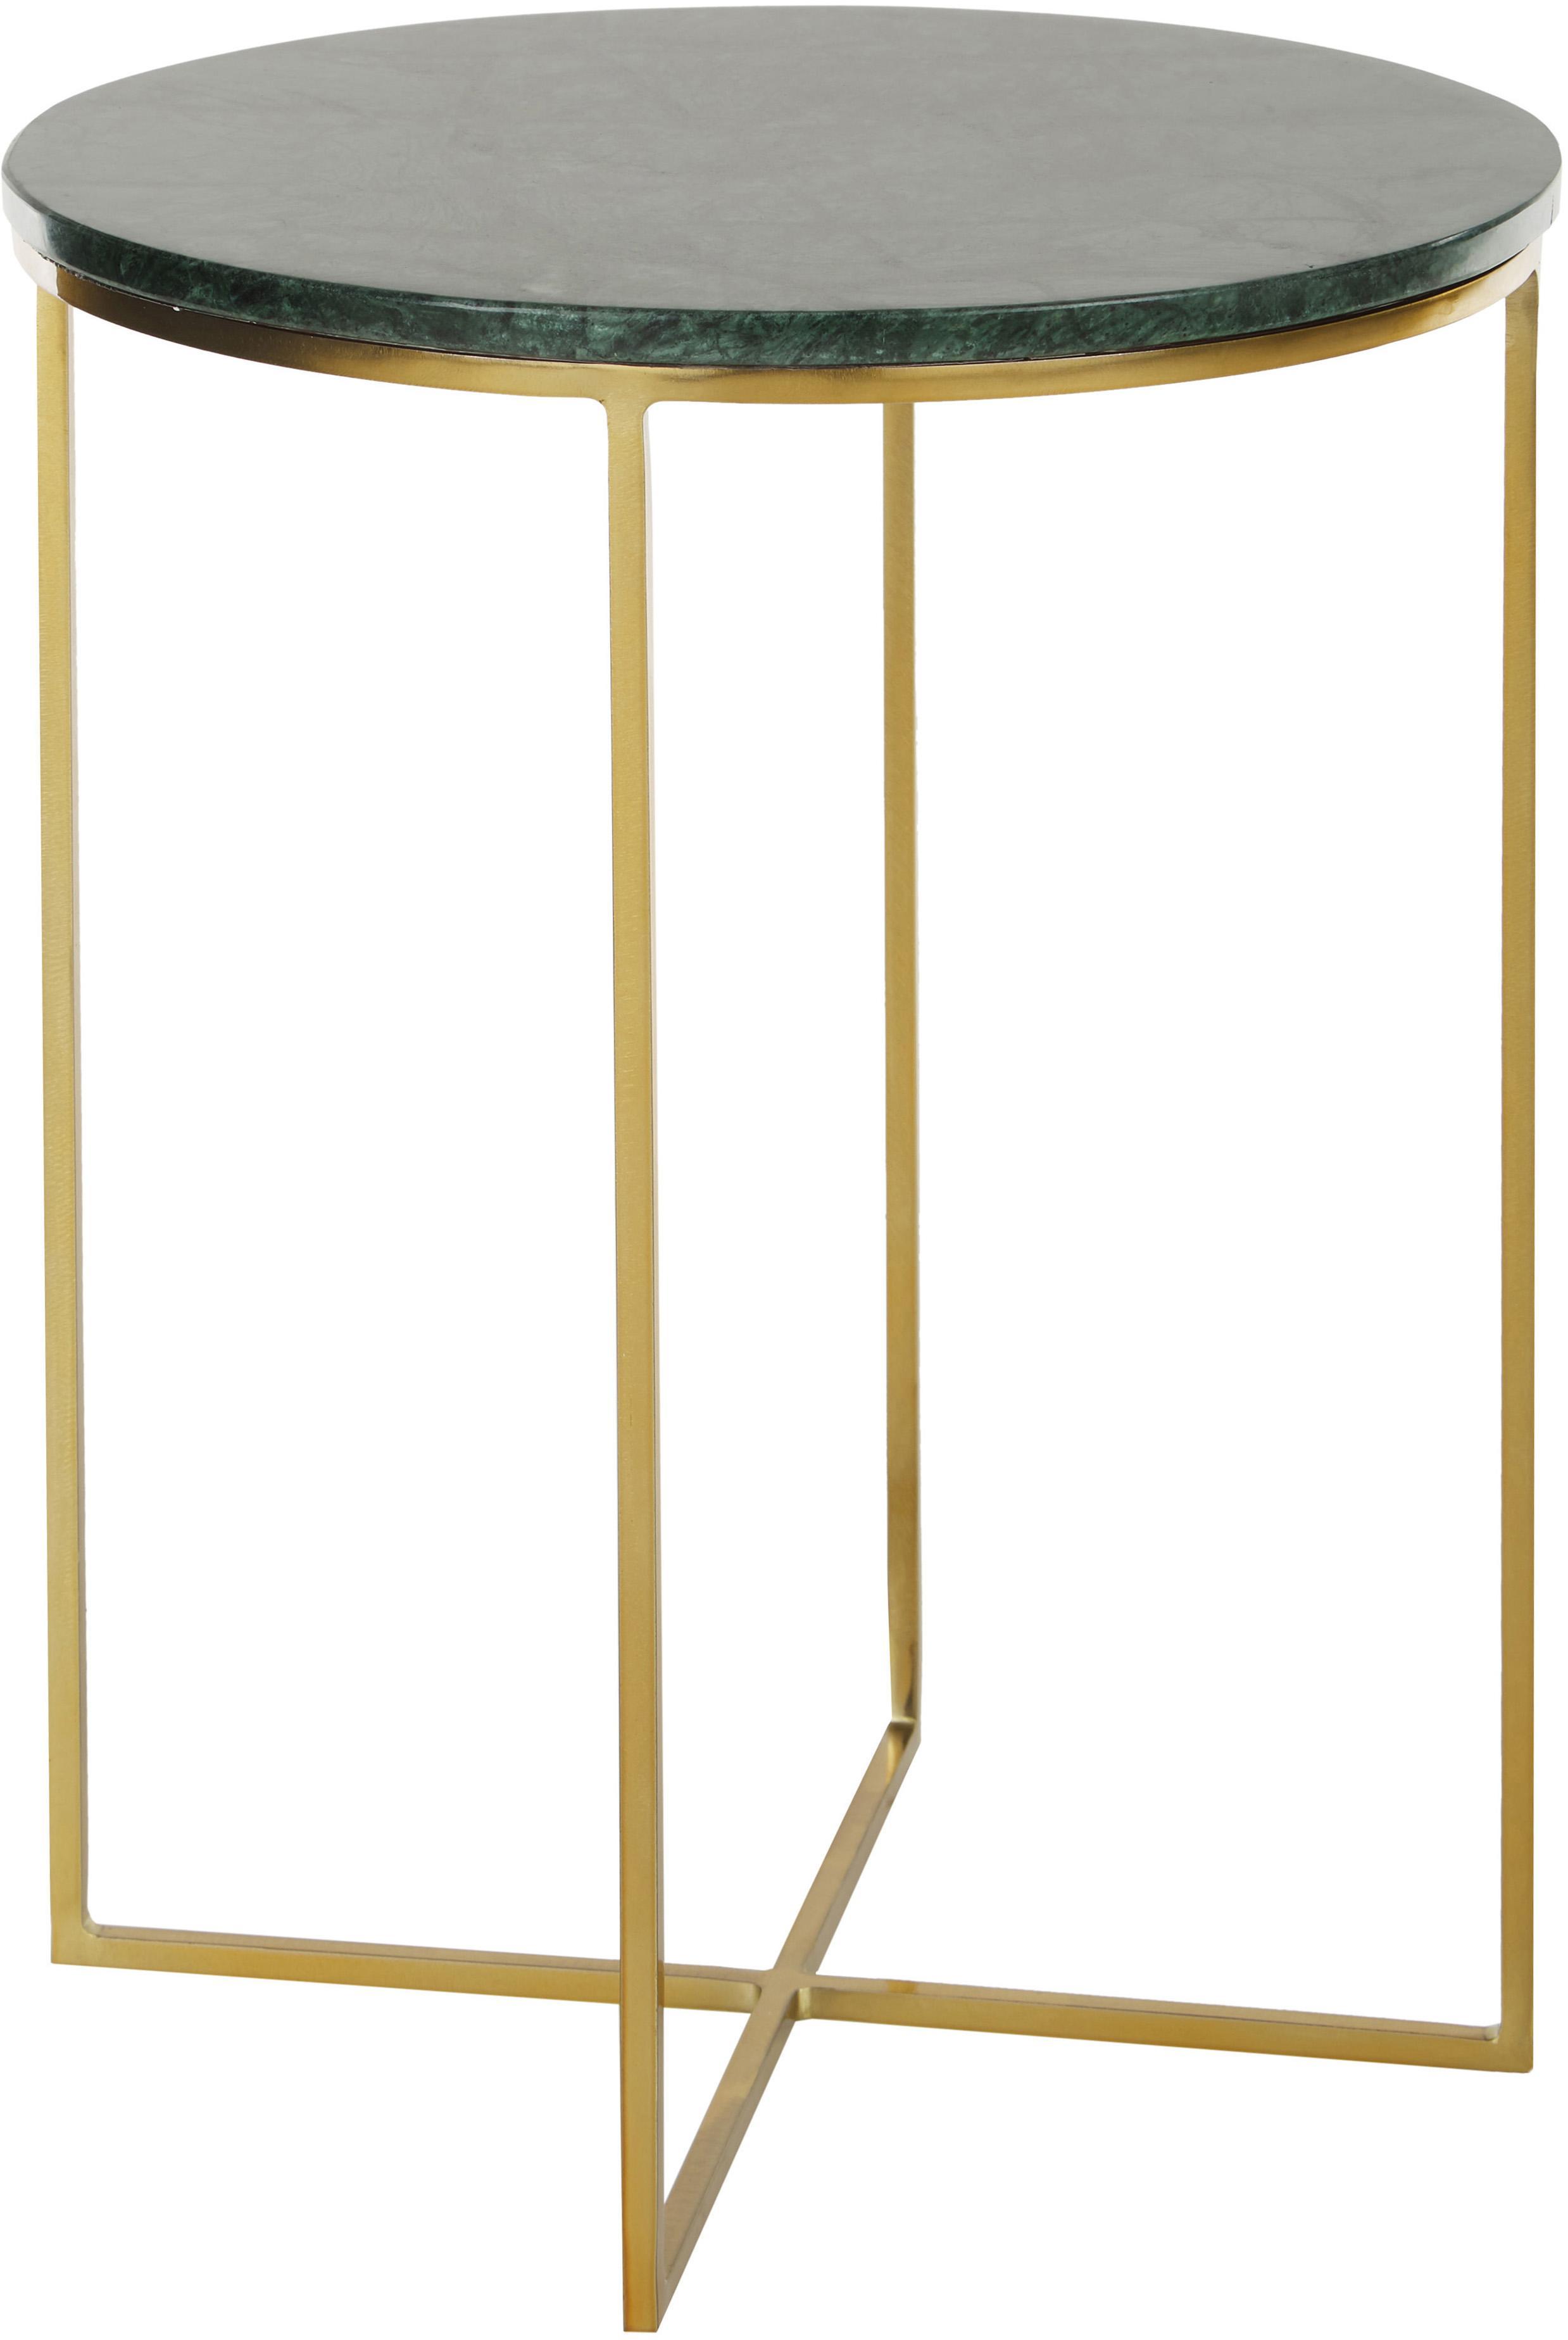 Runder Marmor-Beistelltisch Alys, Tischplatte: Marmor, Gestell: Metall, pulverbeschichtet, Tischplatte: Grüner MarmorGestell: Goldfarben, glänzend, Ø 40 x H 50 cm